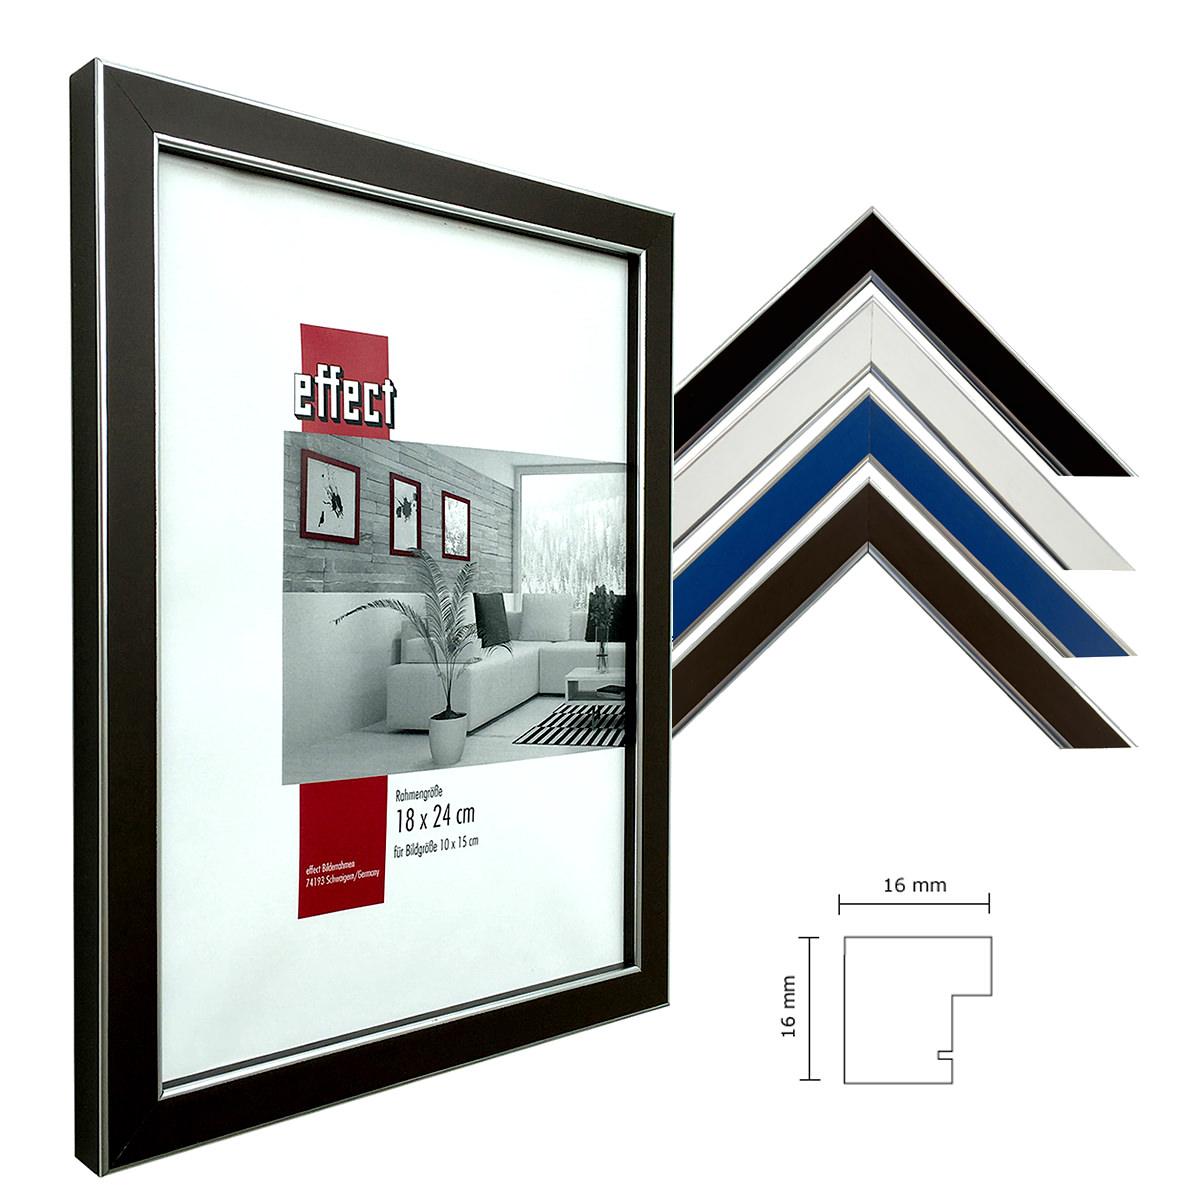 holz bilderrahmen profil 39. Black Bedroom Furniture Sets. Home Design Ideas